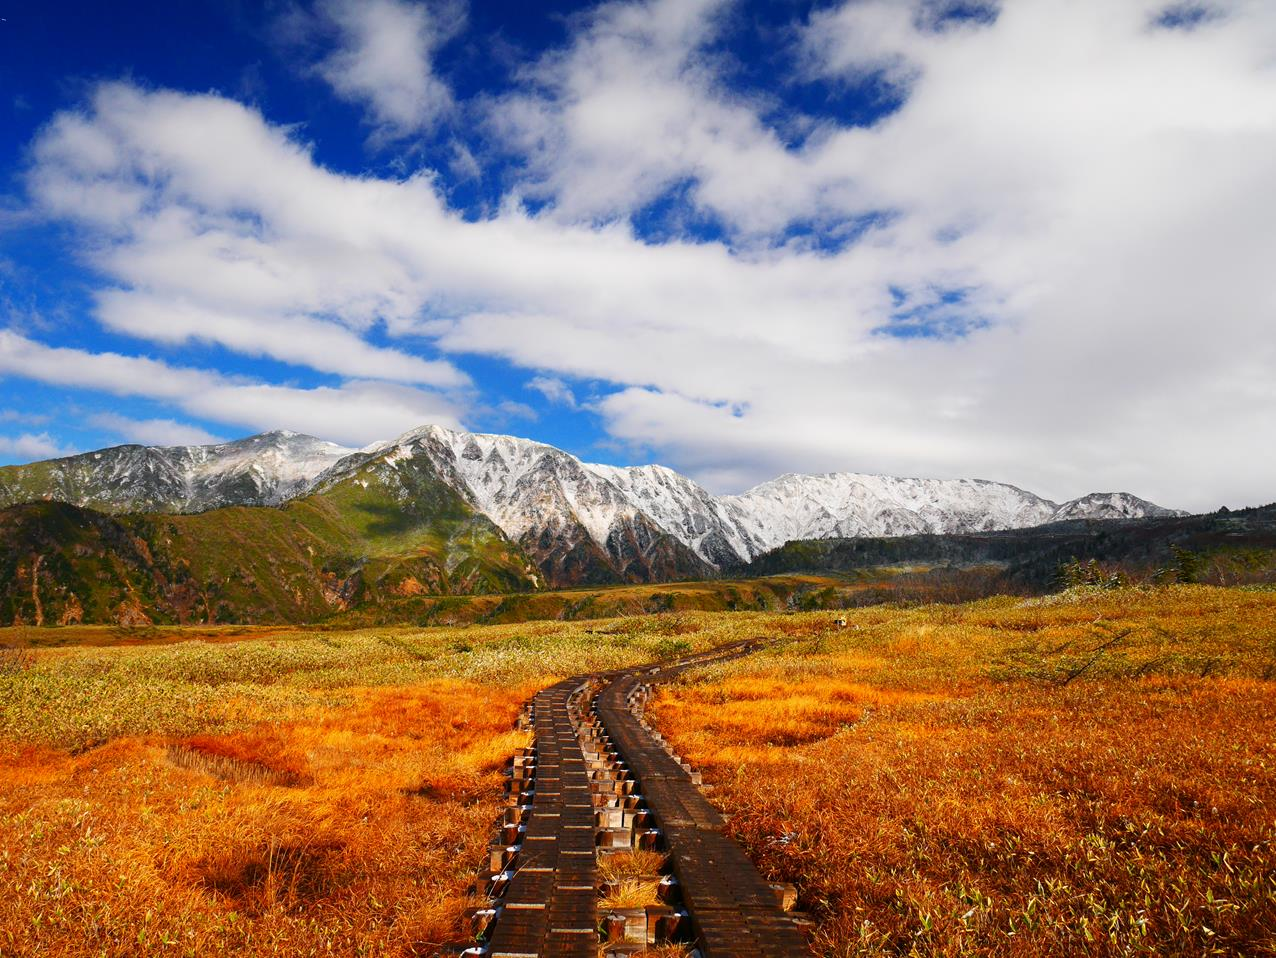 阿爾卑斯路線彌陀之原